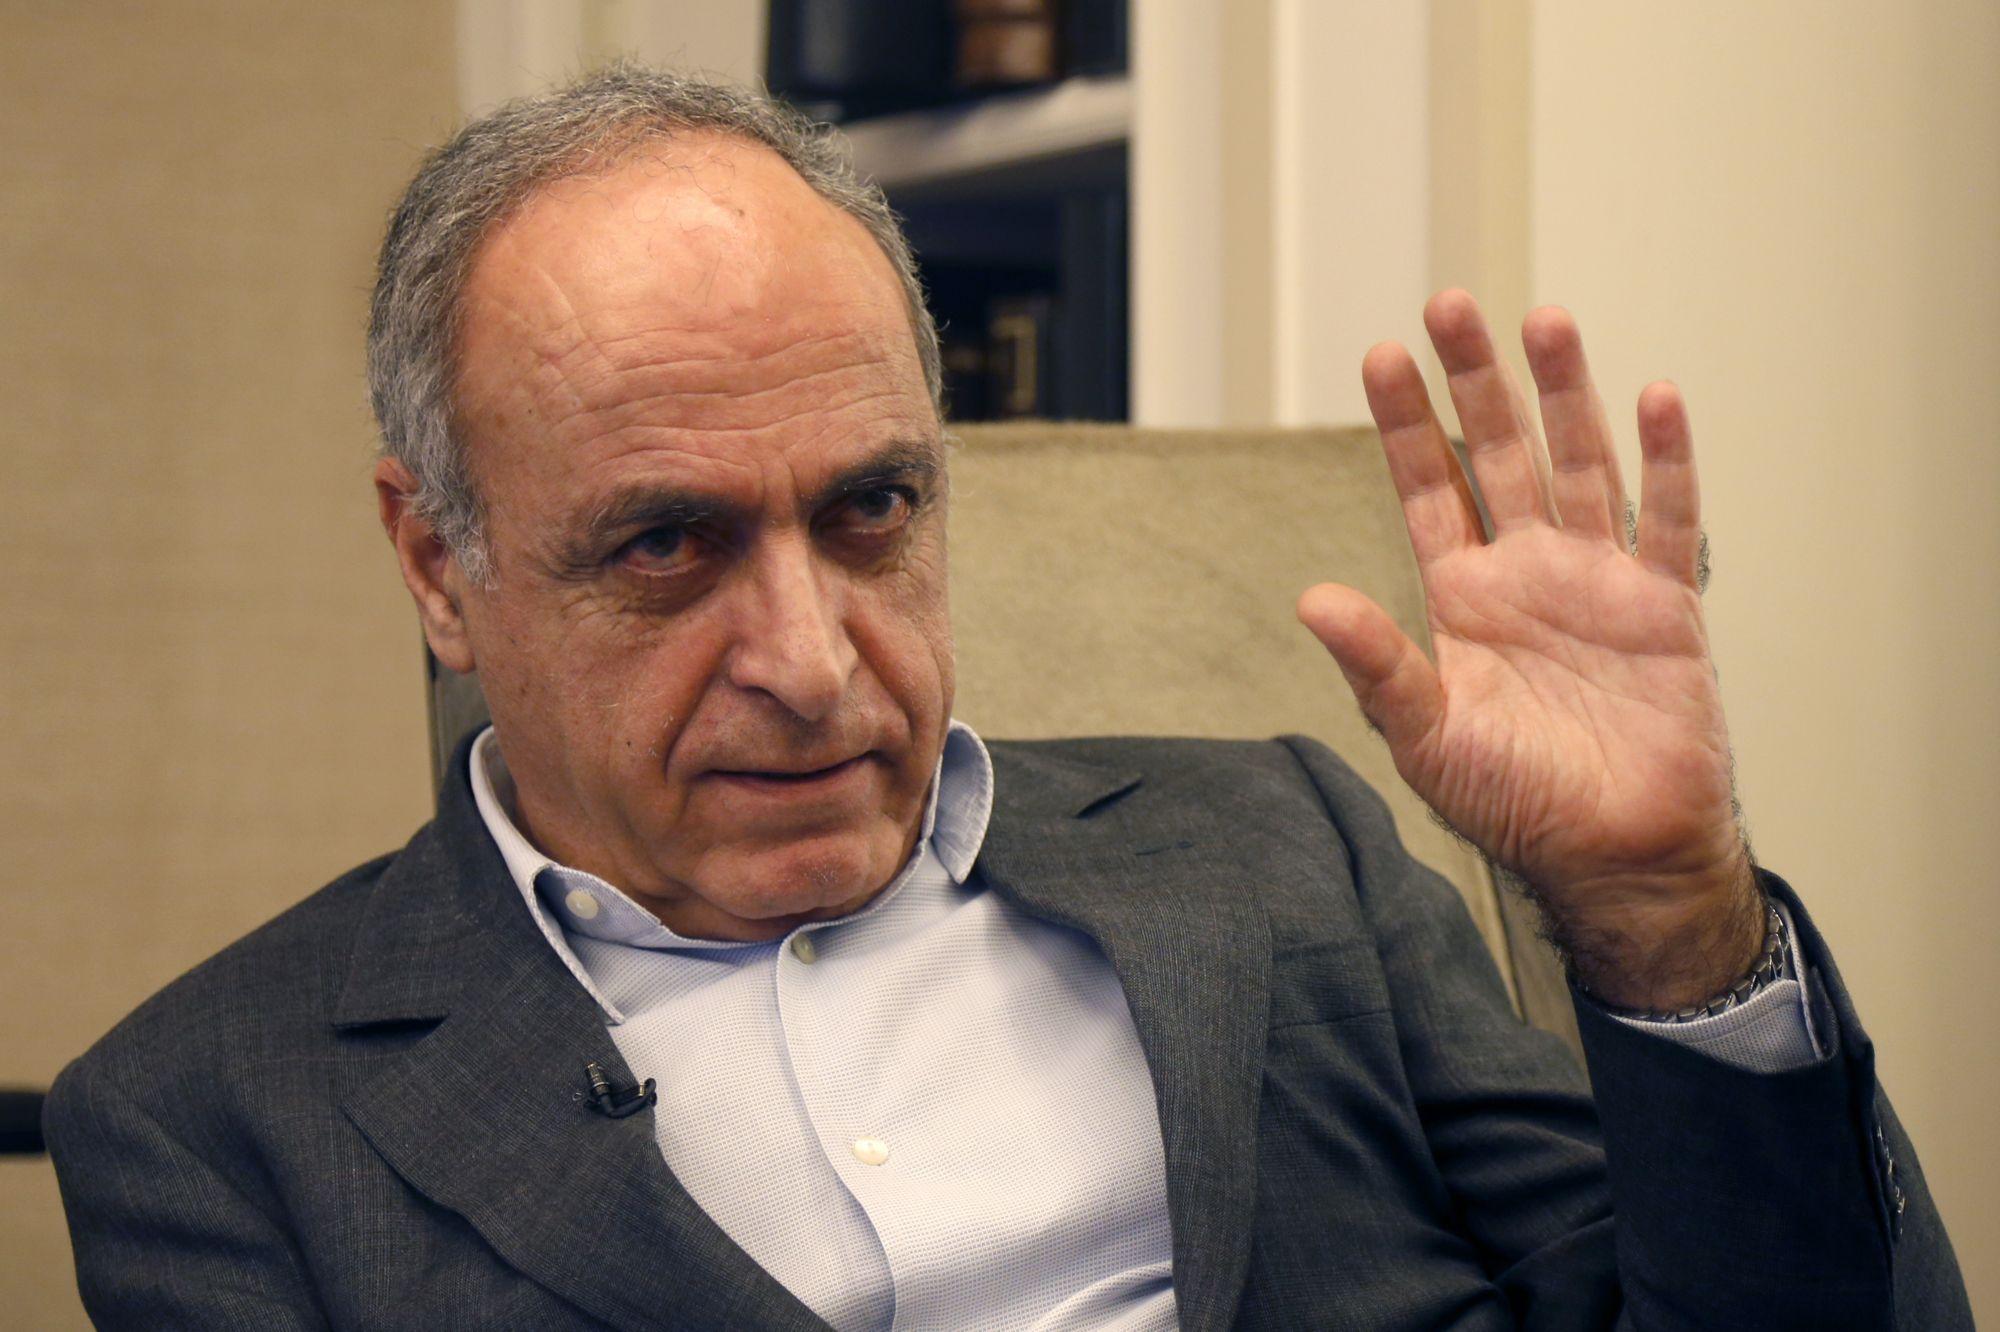 SCANDALE CORRUPTION DU RÉGIME LYBIEN : Ziad Takieddine enfonce Nicolas Sarkozy et Claude Guéant